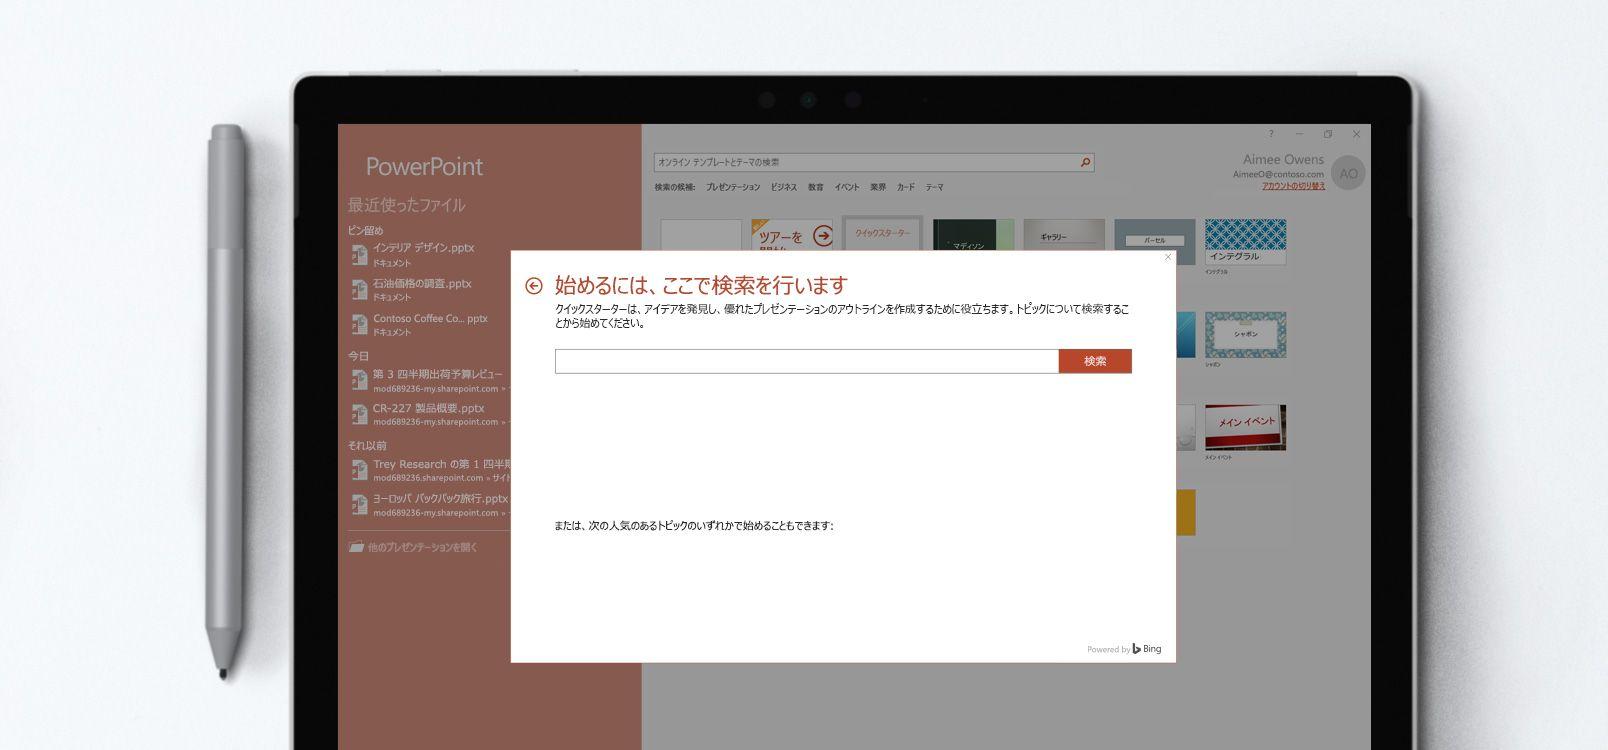 ノートWindows  PC の画面に PowerPoint のドキュメントが表示されており、クイックスターター機能を使用中です